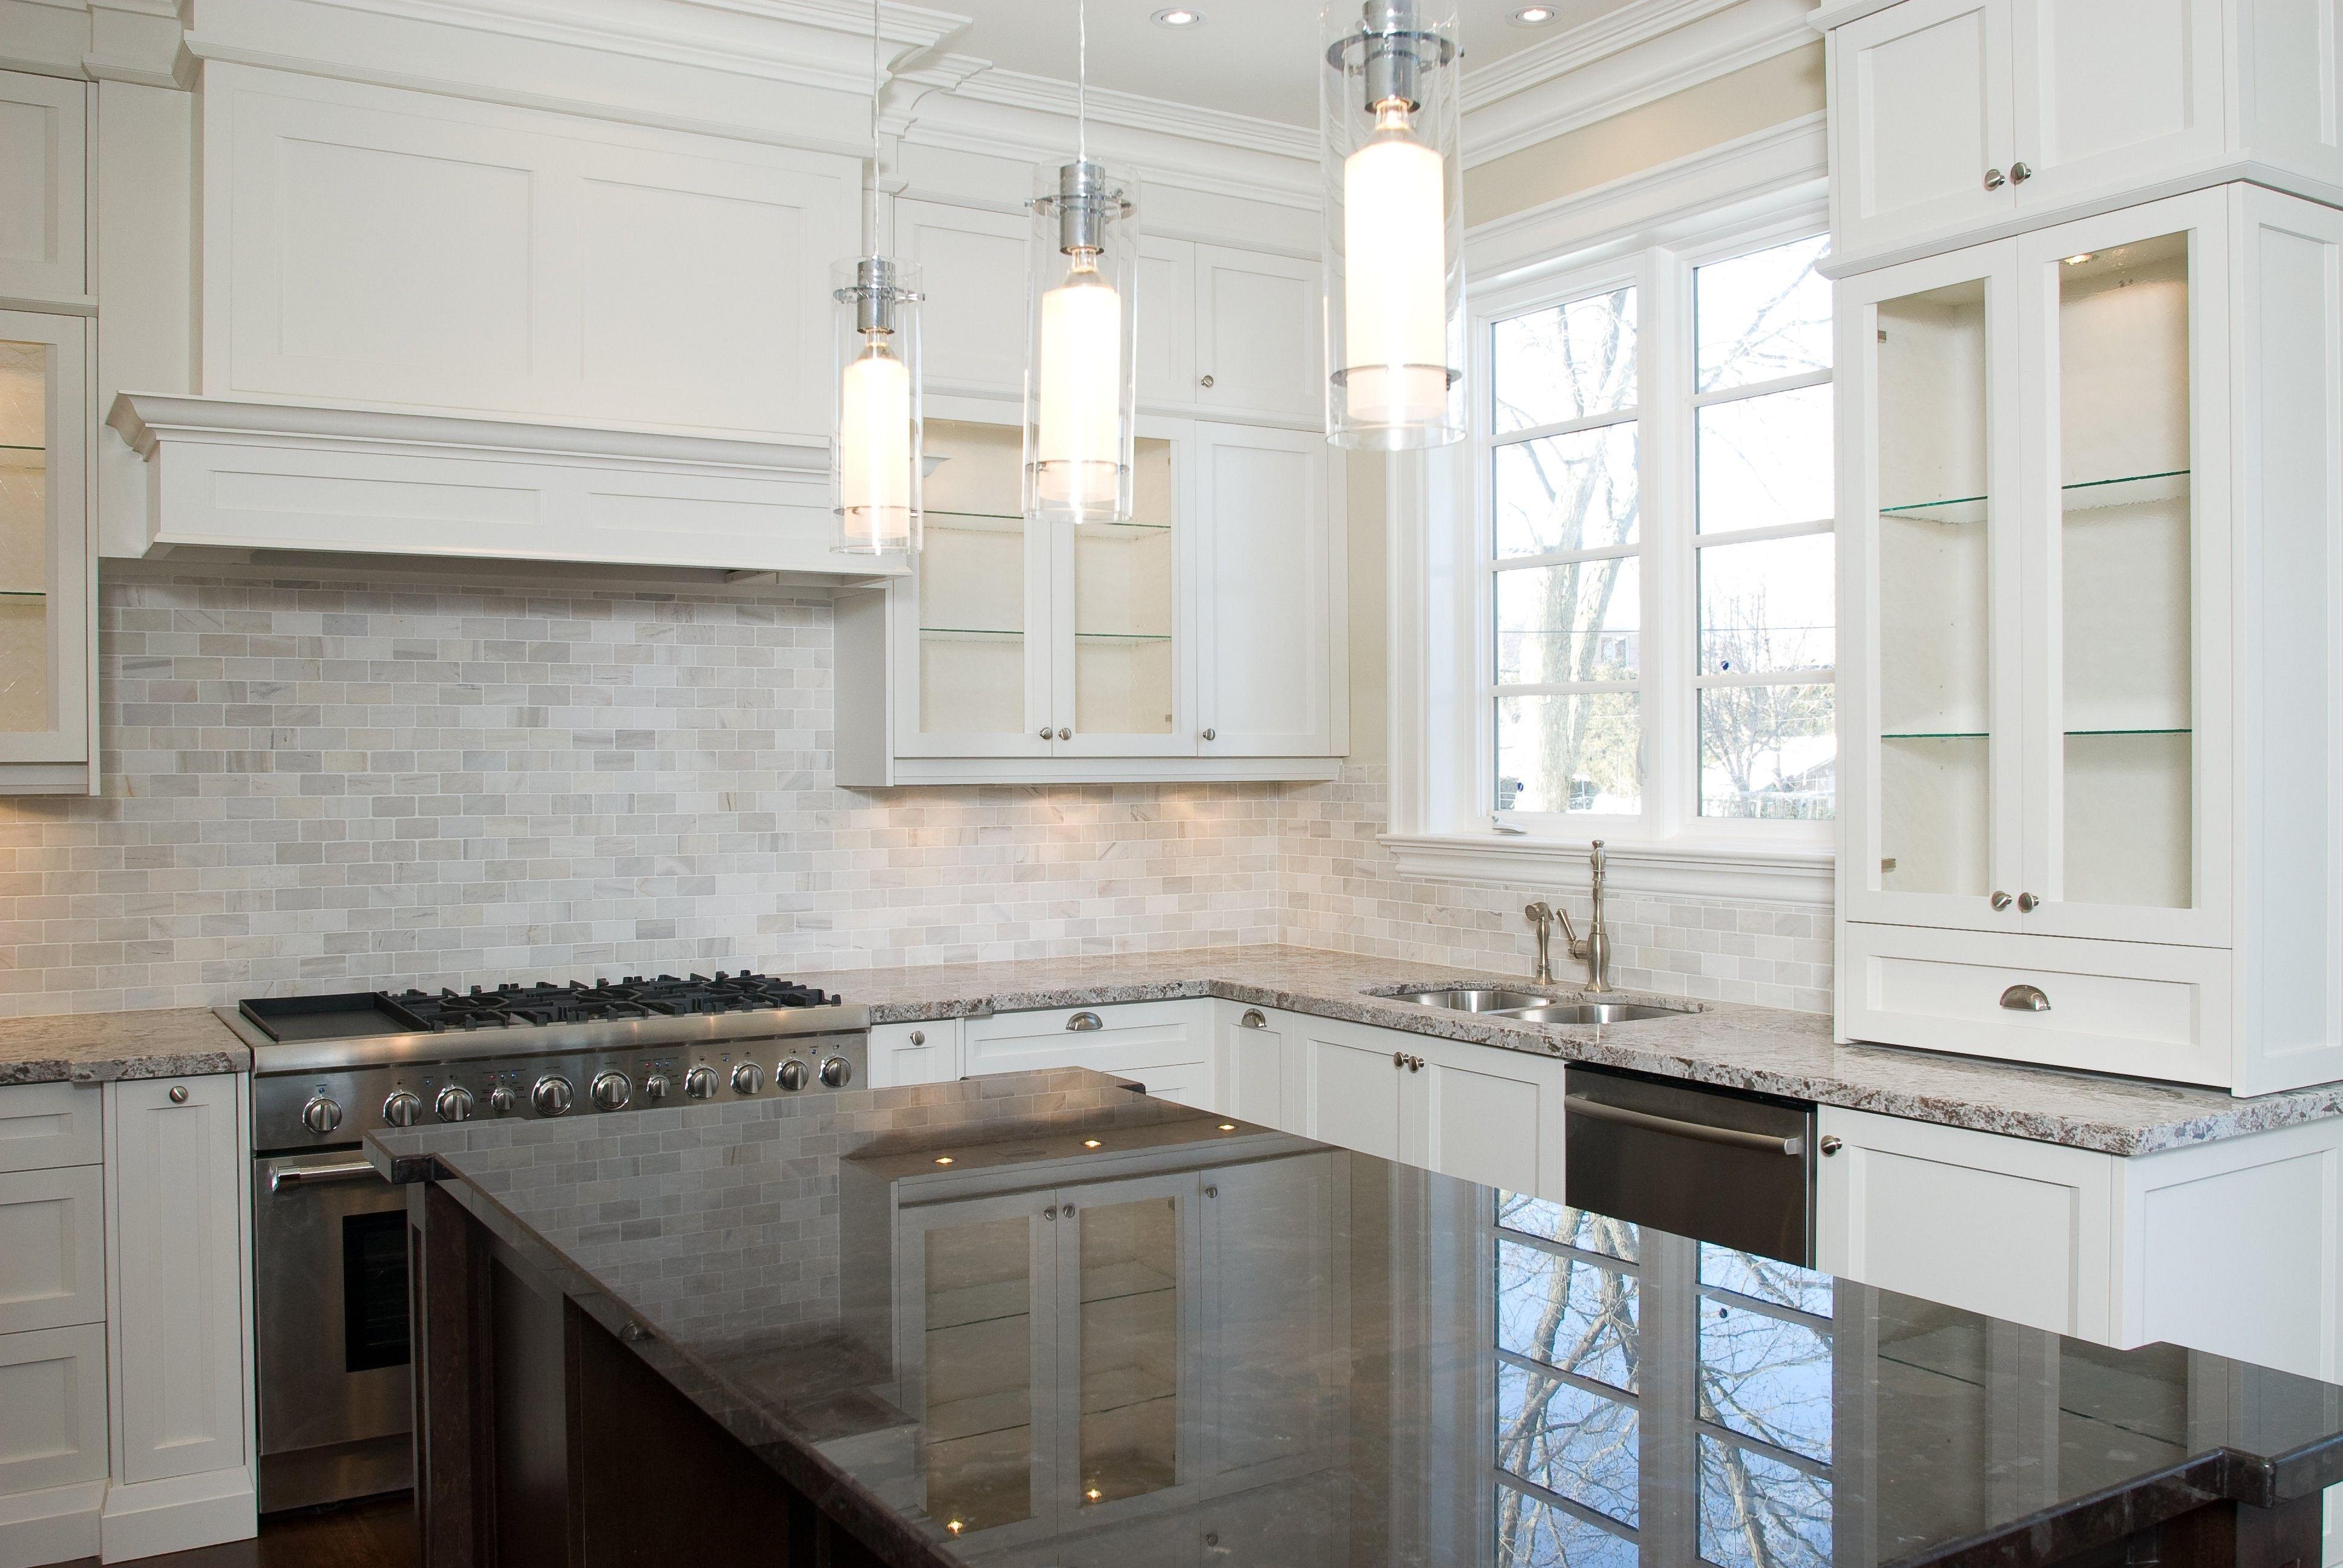 glass door built in fridge white ceramic tile floor Kitchens